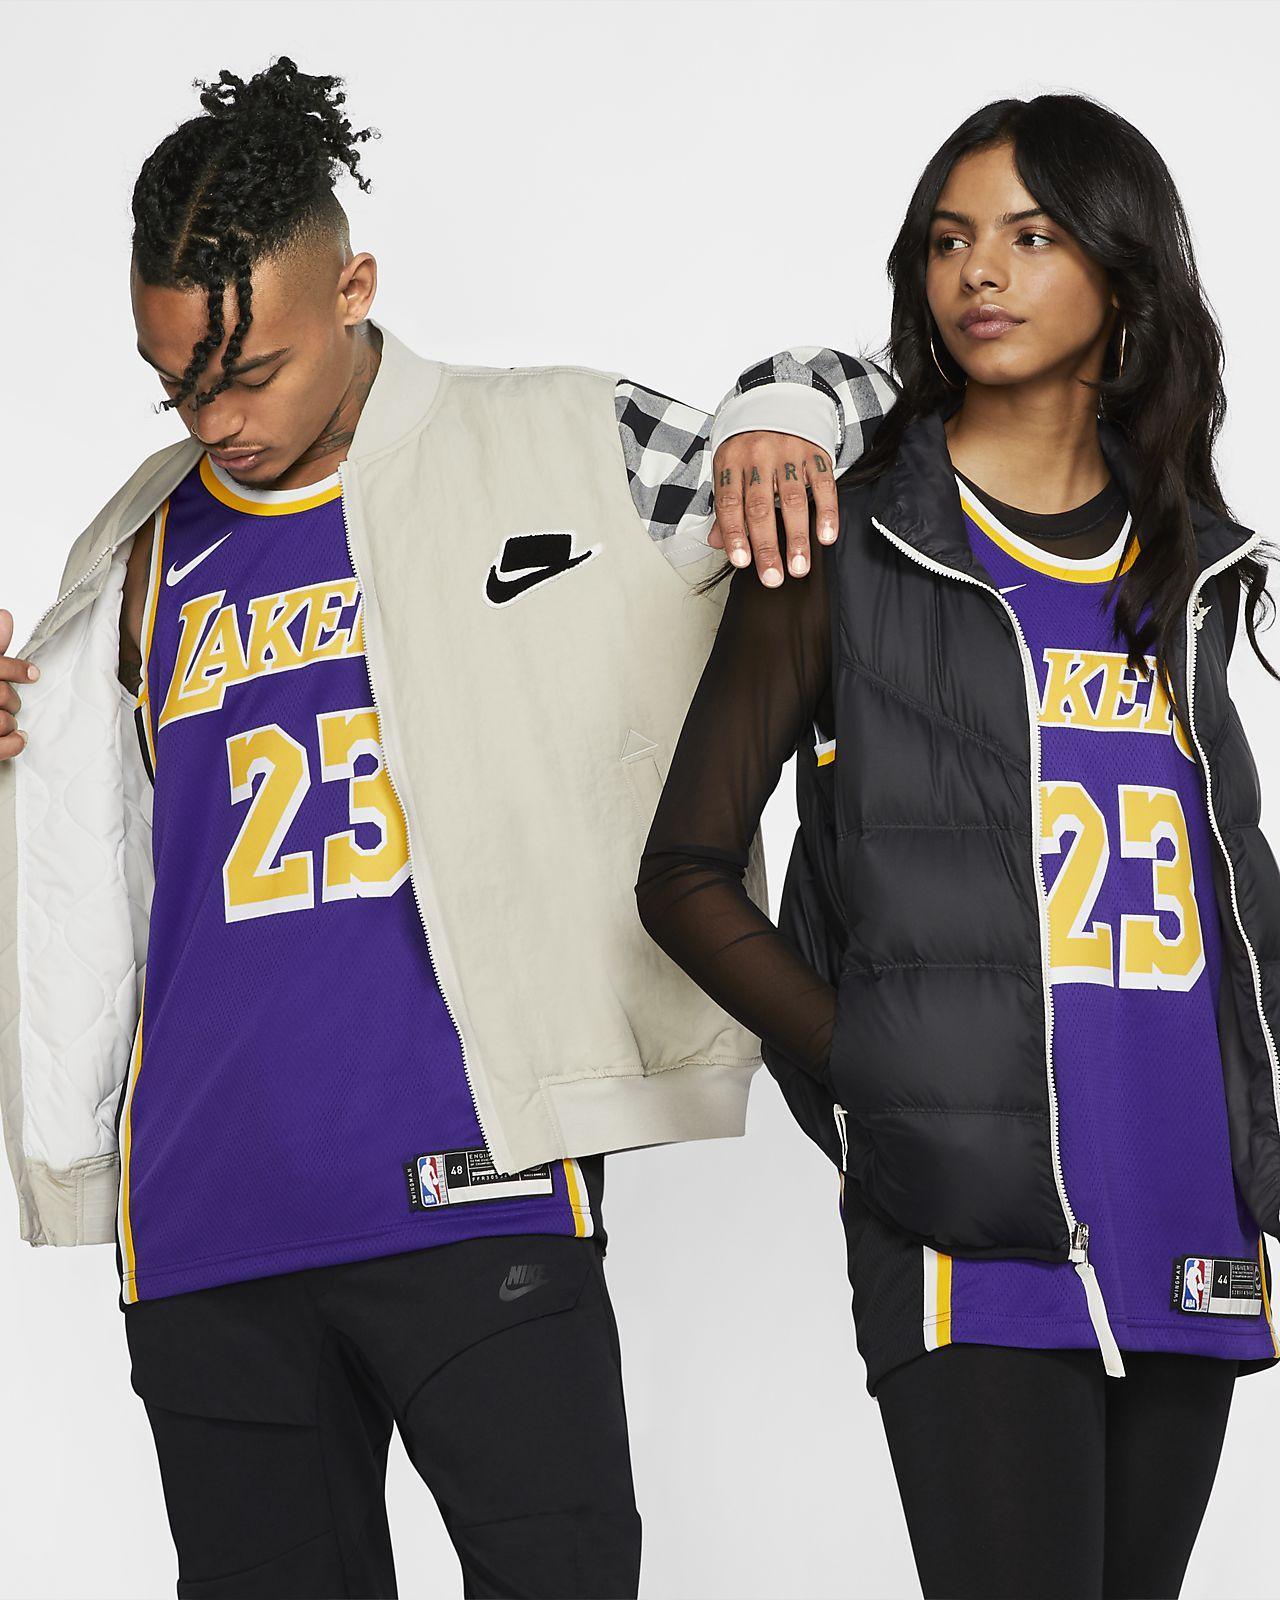 洛杉矶湖人队 (LeBron James) Statement Edition Swingman Nike NBA Connected Jersey 男子球衣